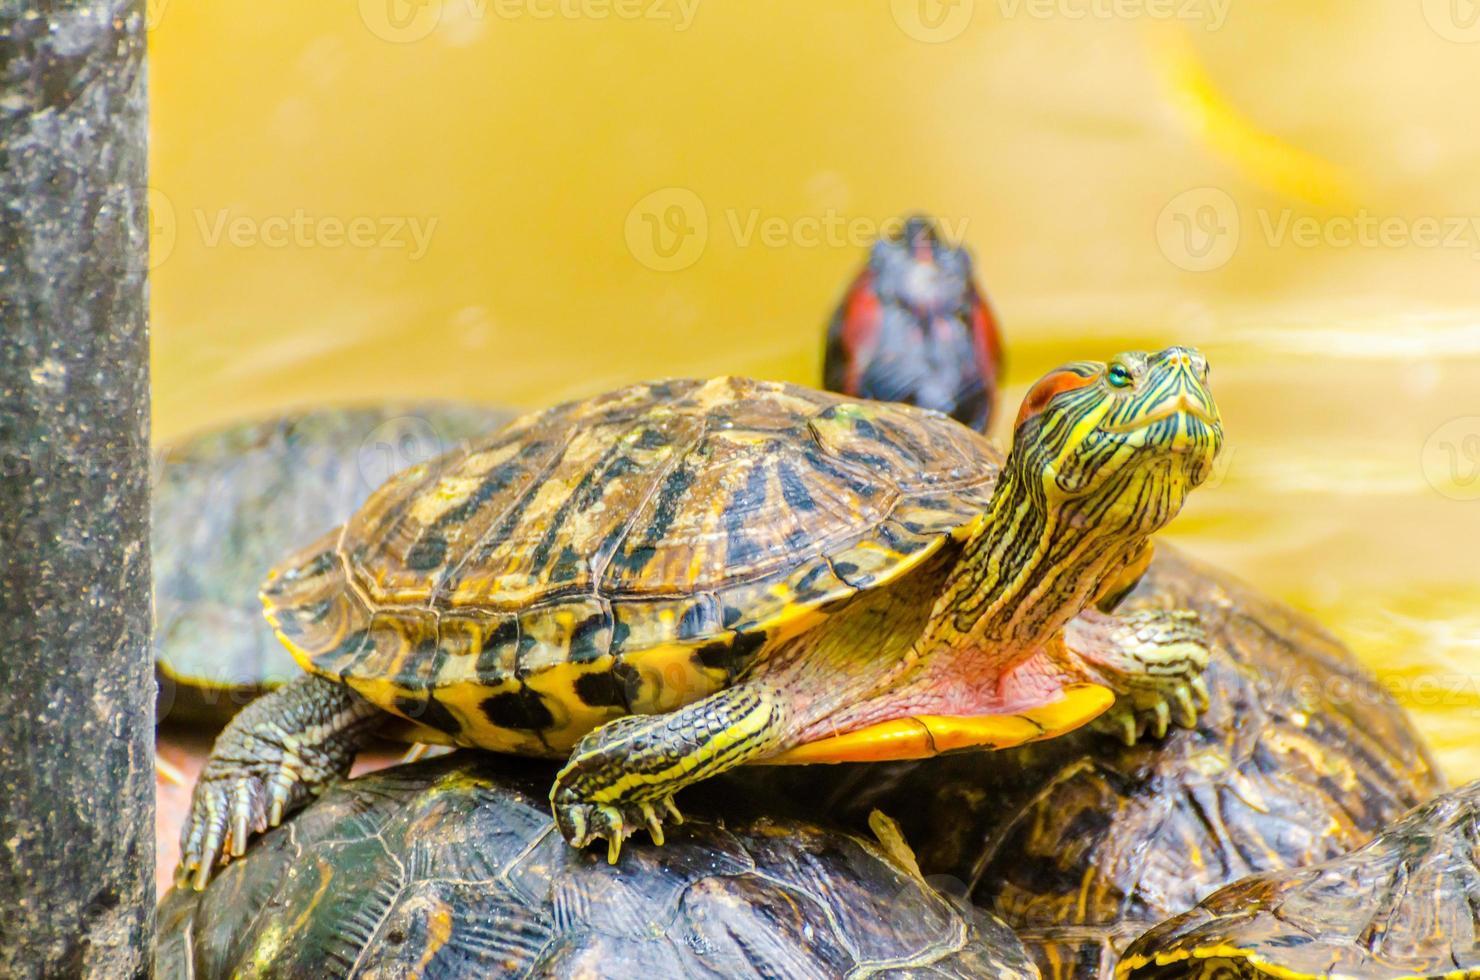 tartaruga deslizante orelhuda vermelha foto